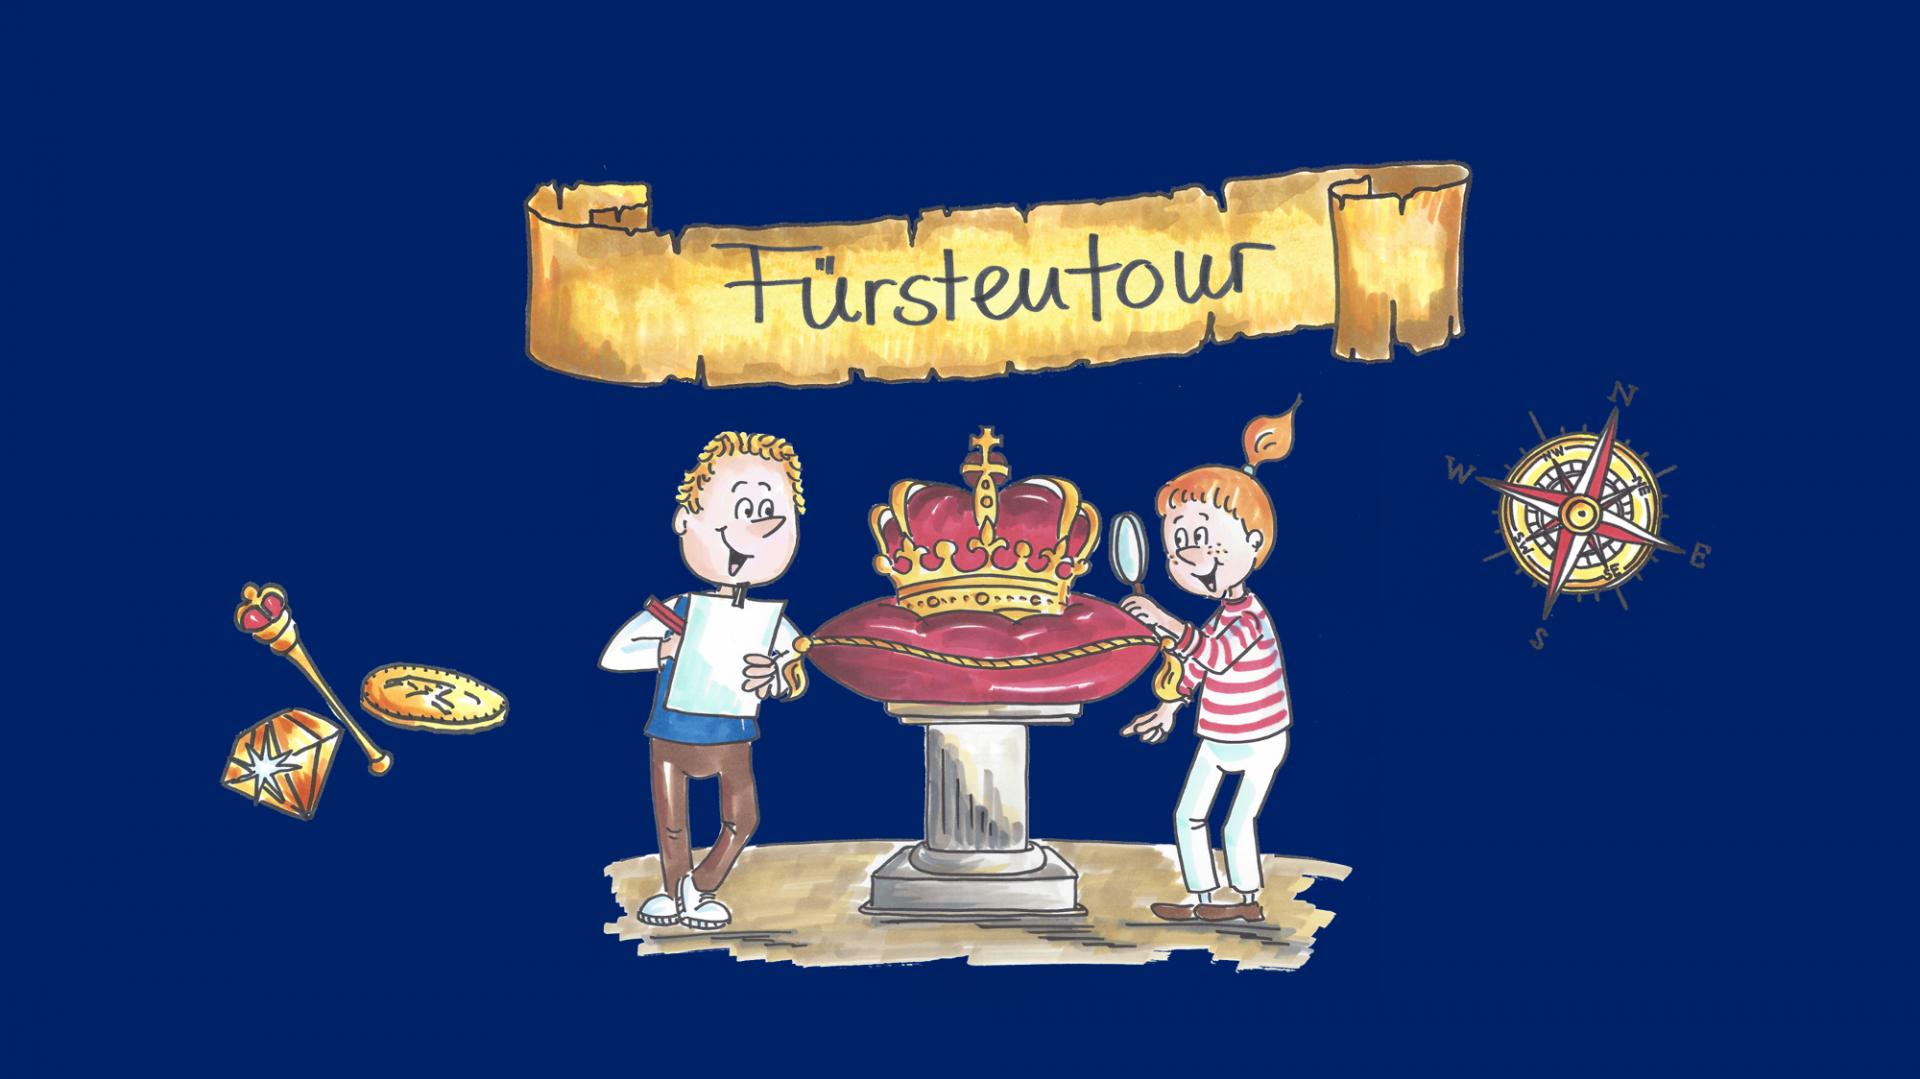 Fürstentour